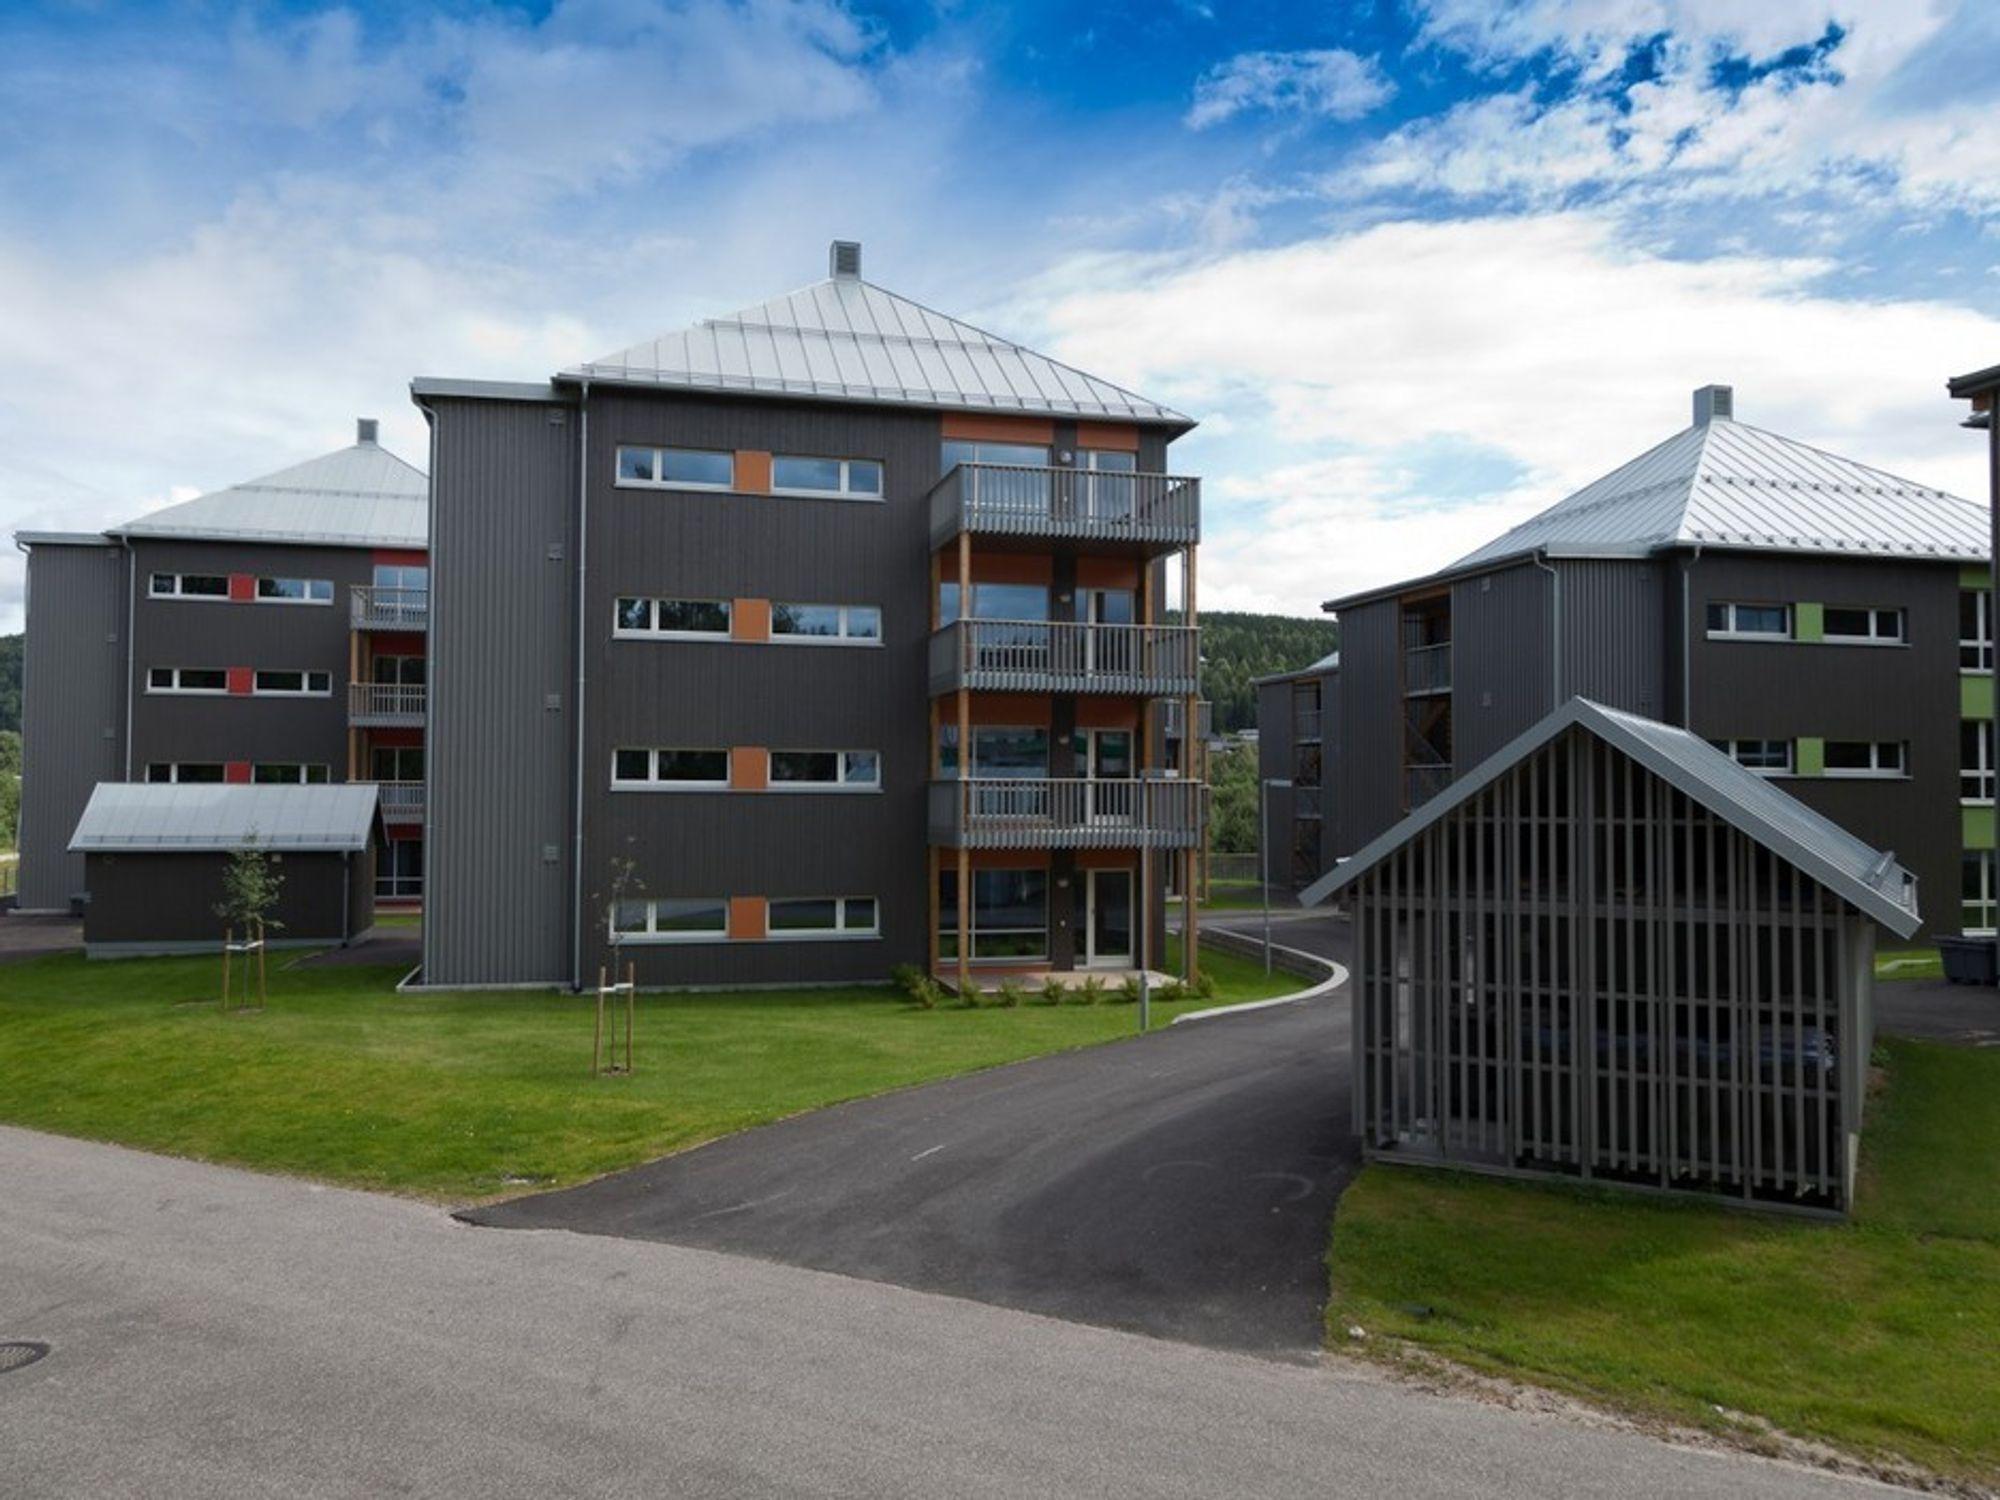 HELTRE: Idrettsparken boliger på Rena har fasader av heltre, sydendte balkonger og felles grønarealer.